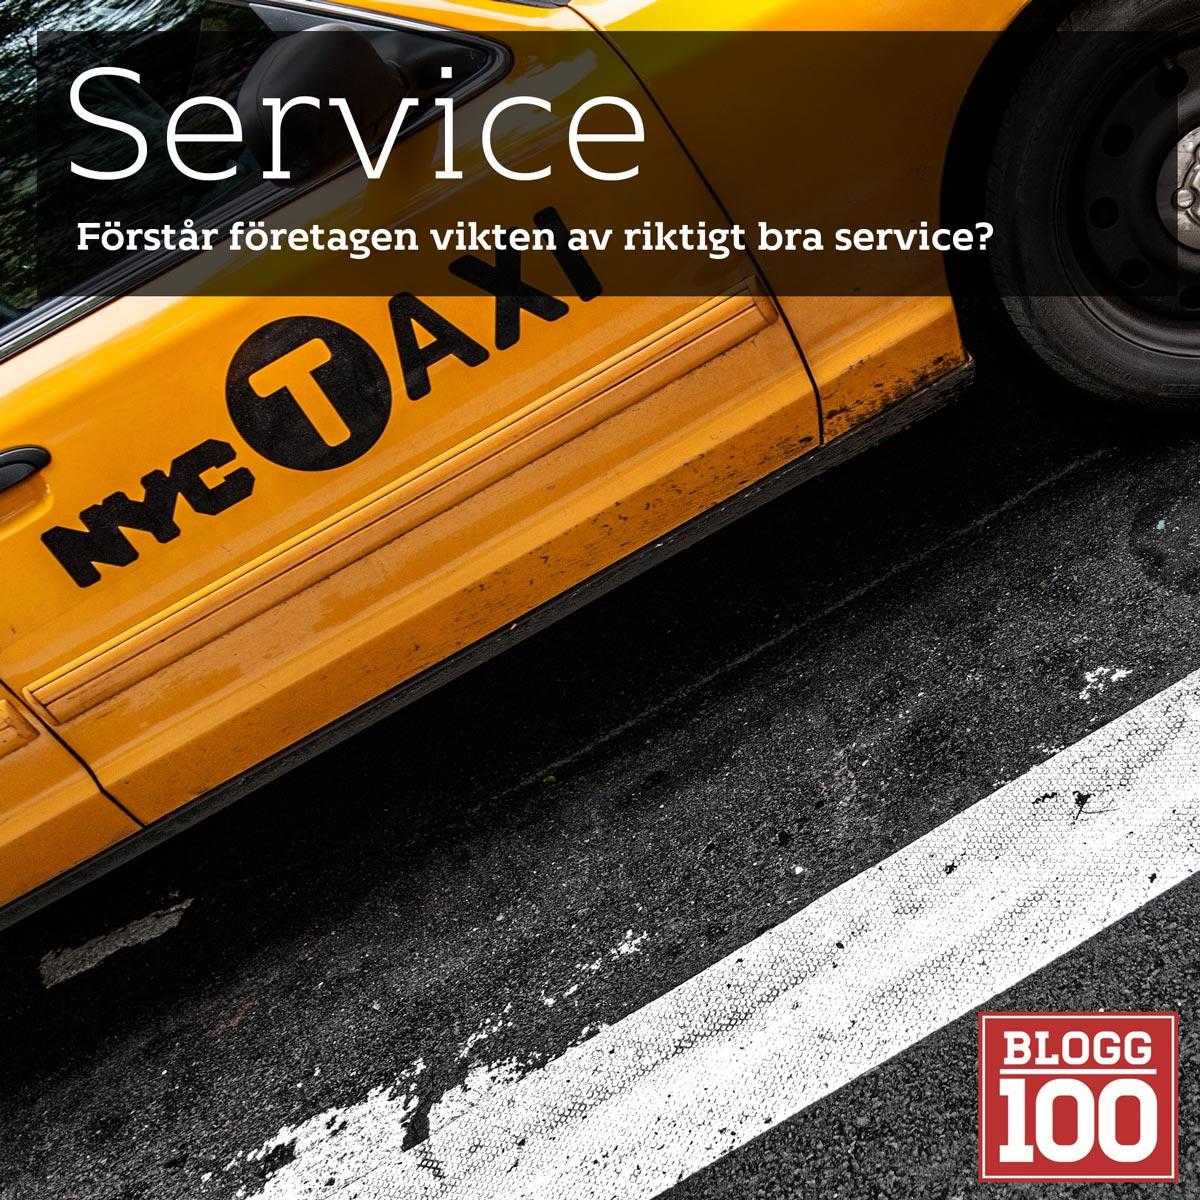 Service? Hur hamnar kunden i centrum? #blogg100 #fb